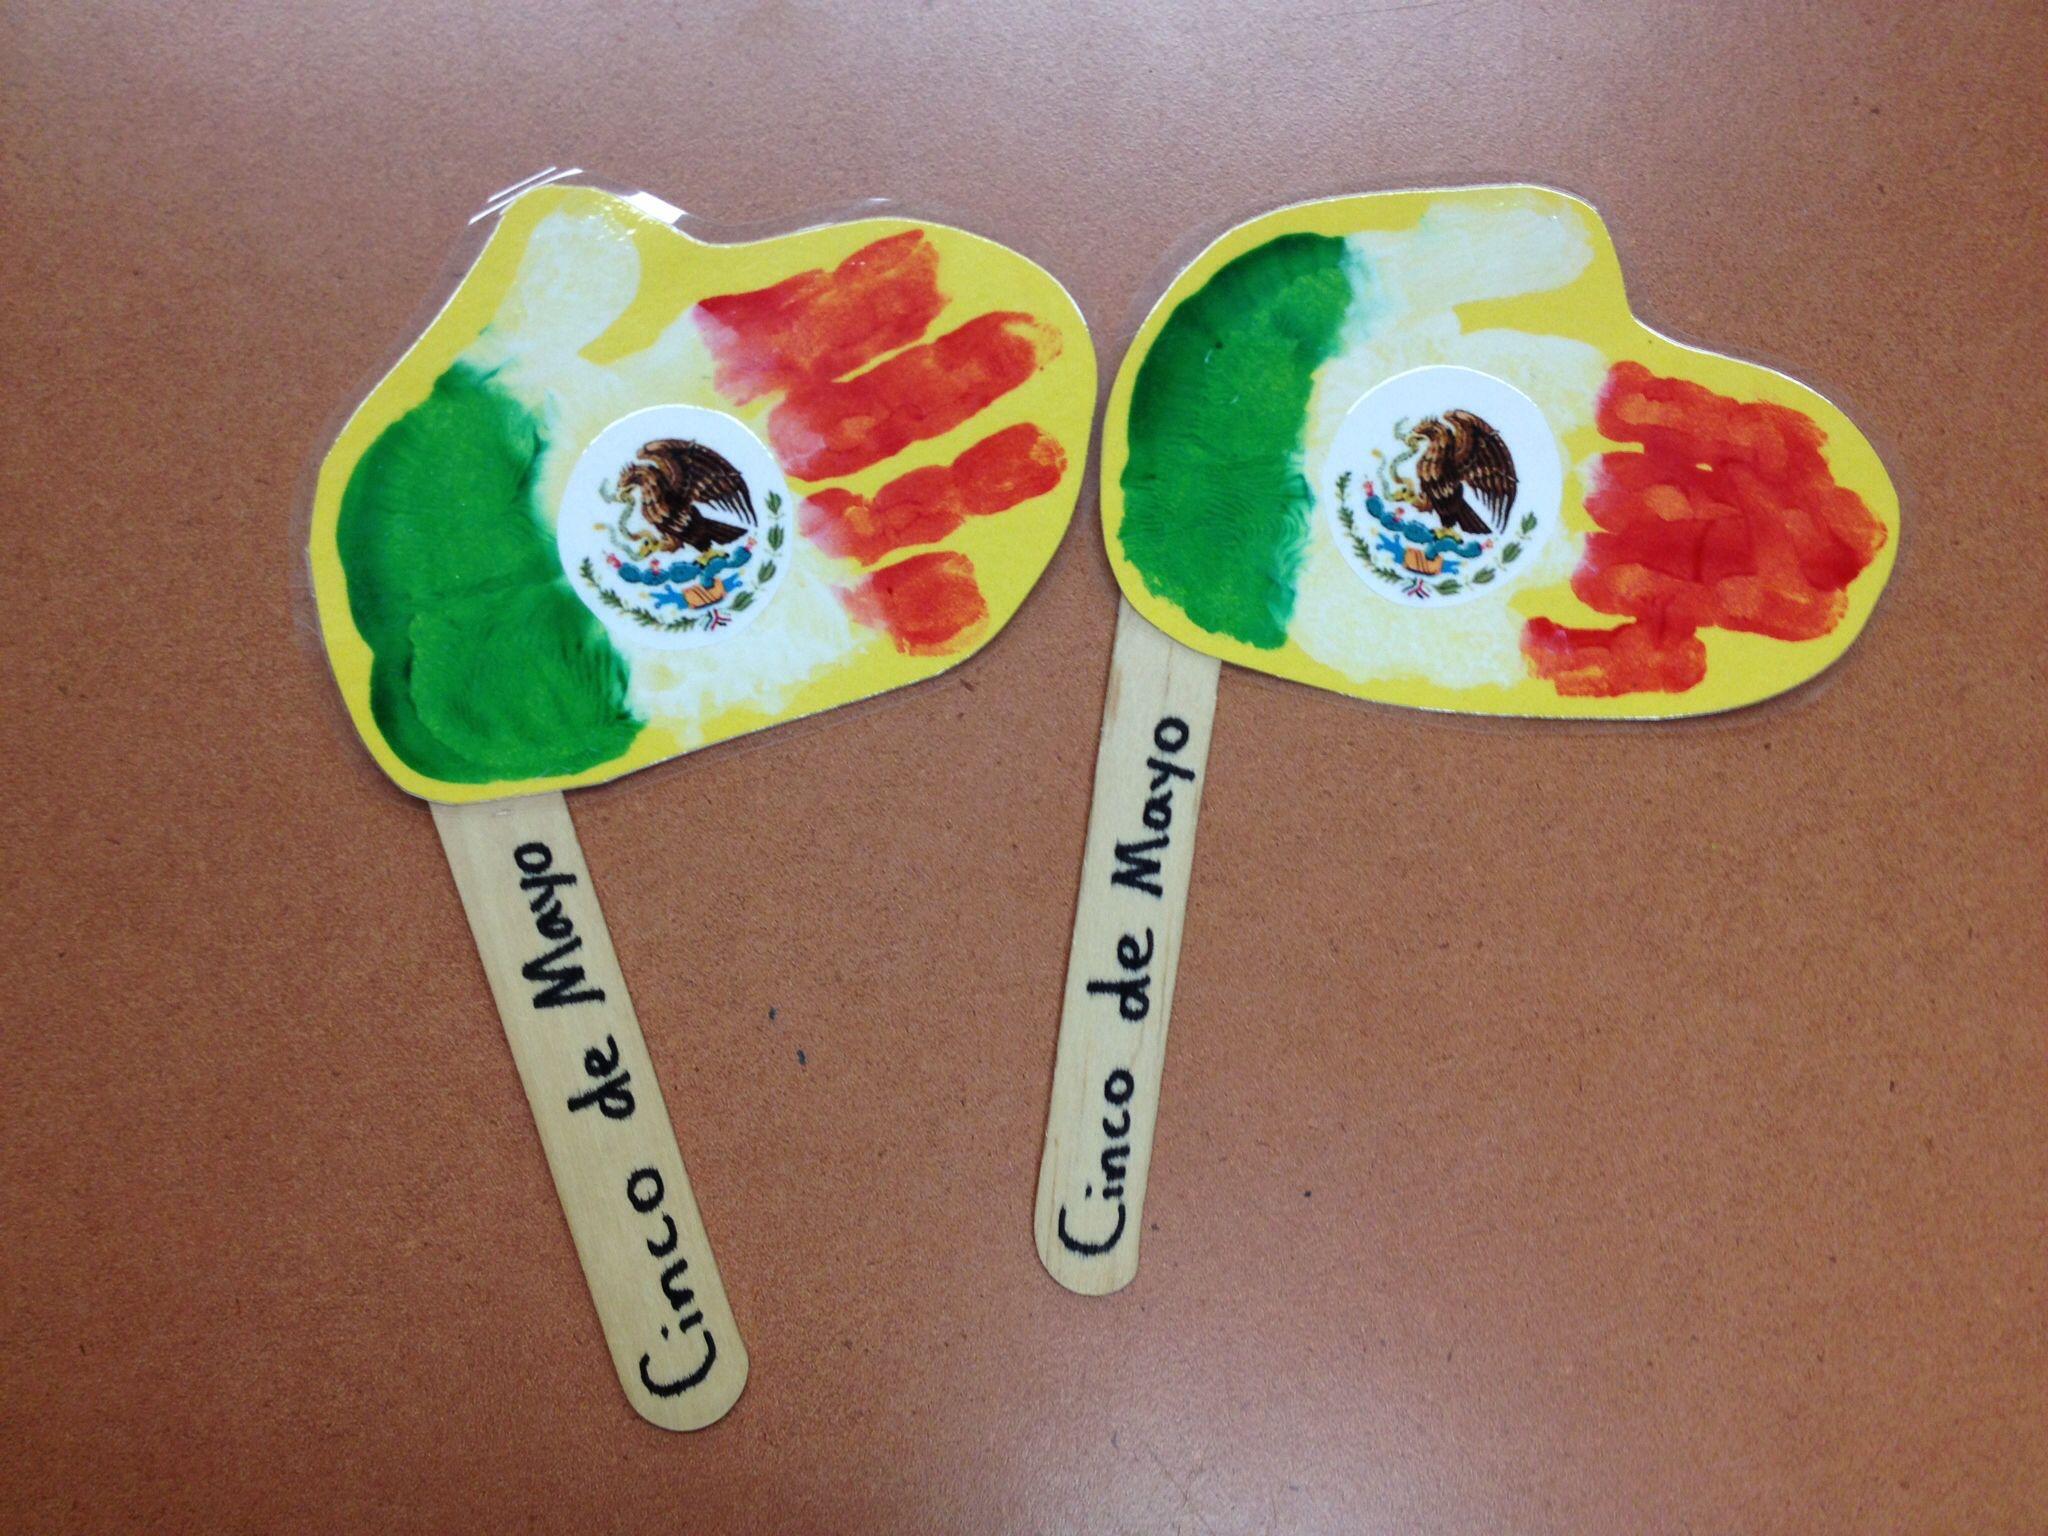 Cinco de mayo mexican flag coloring page - Cinco De Mayo Handprint Flags